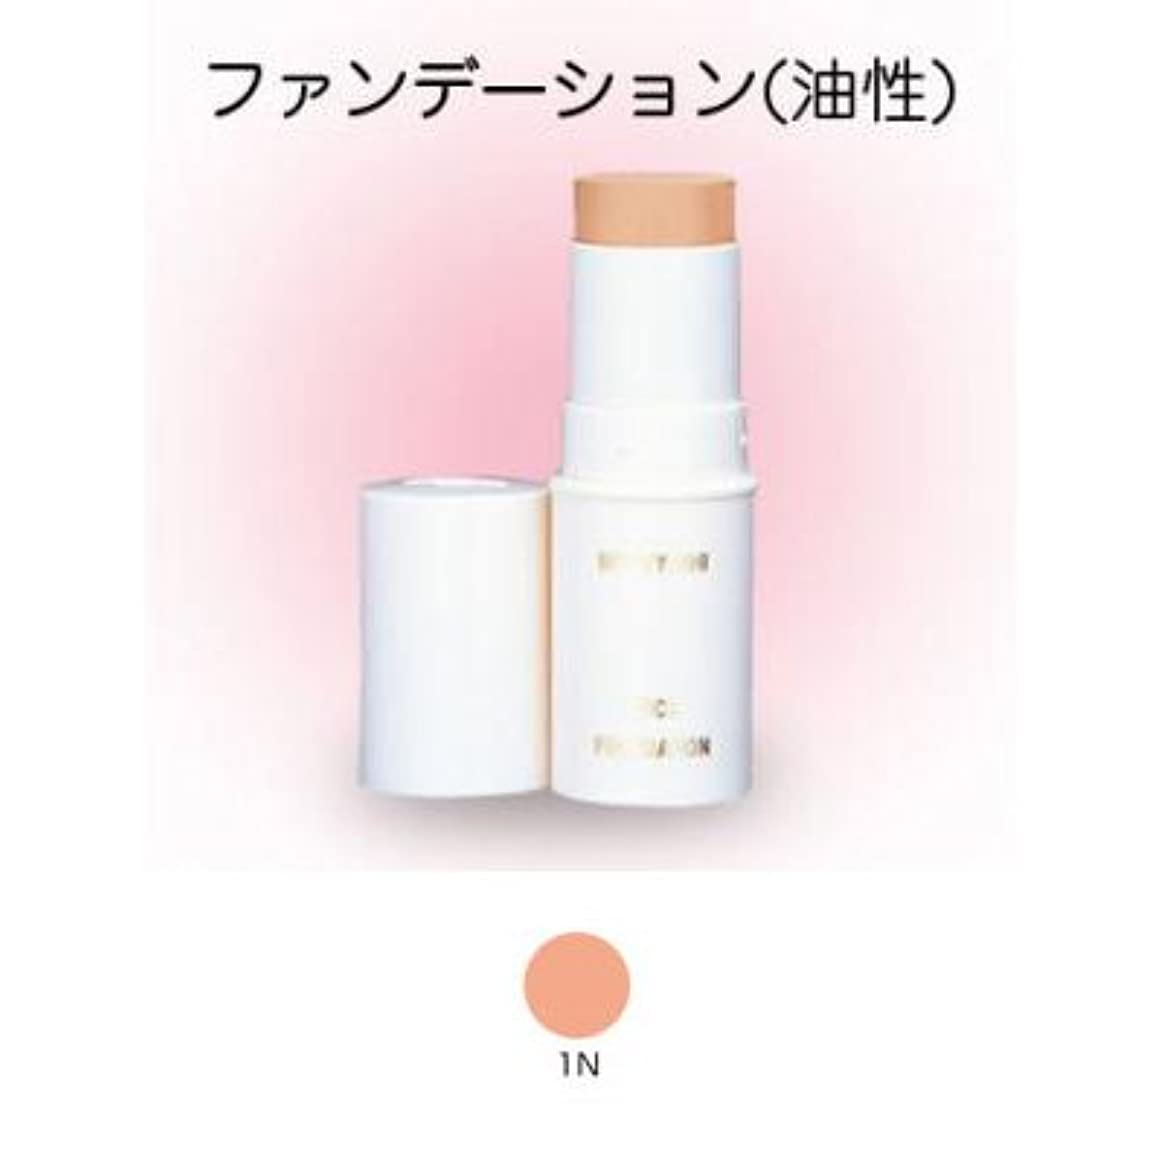 インフレーション種正しいスティックファンデーション 16g 1N 【三善】